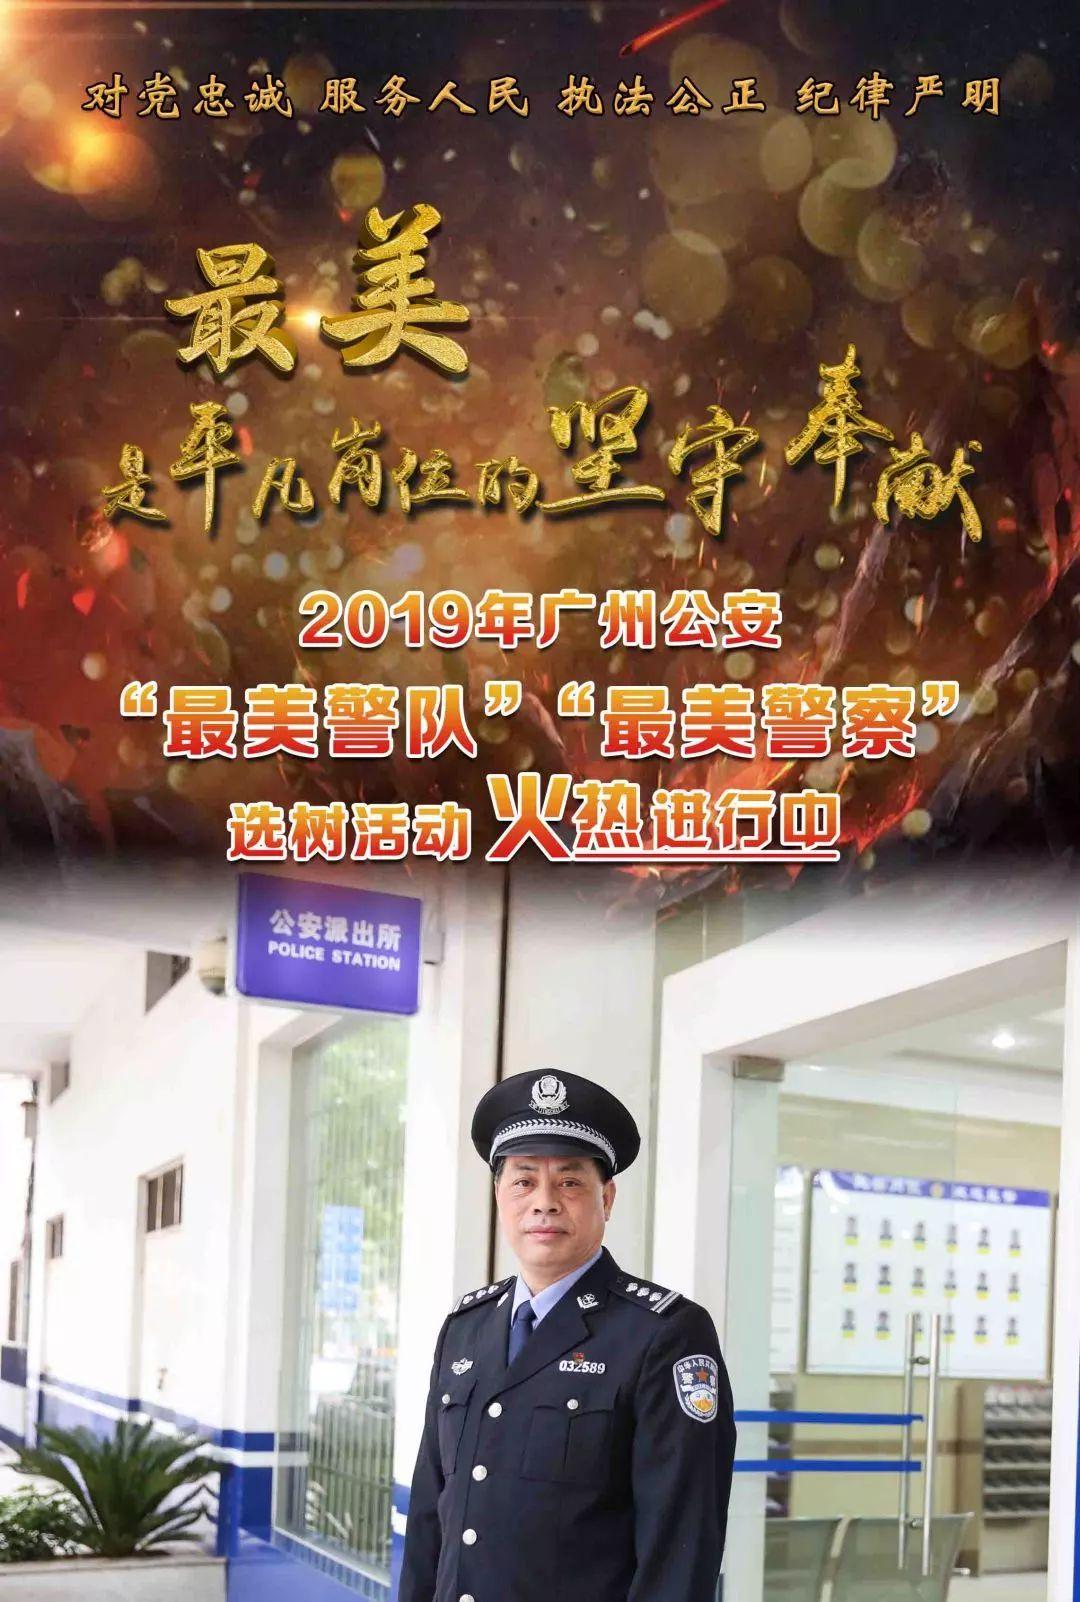 """公安机关值班制度_【""""最美""""发布】︳2019年广州公安""""最美警队""""""""最美警察 ..."""